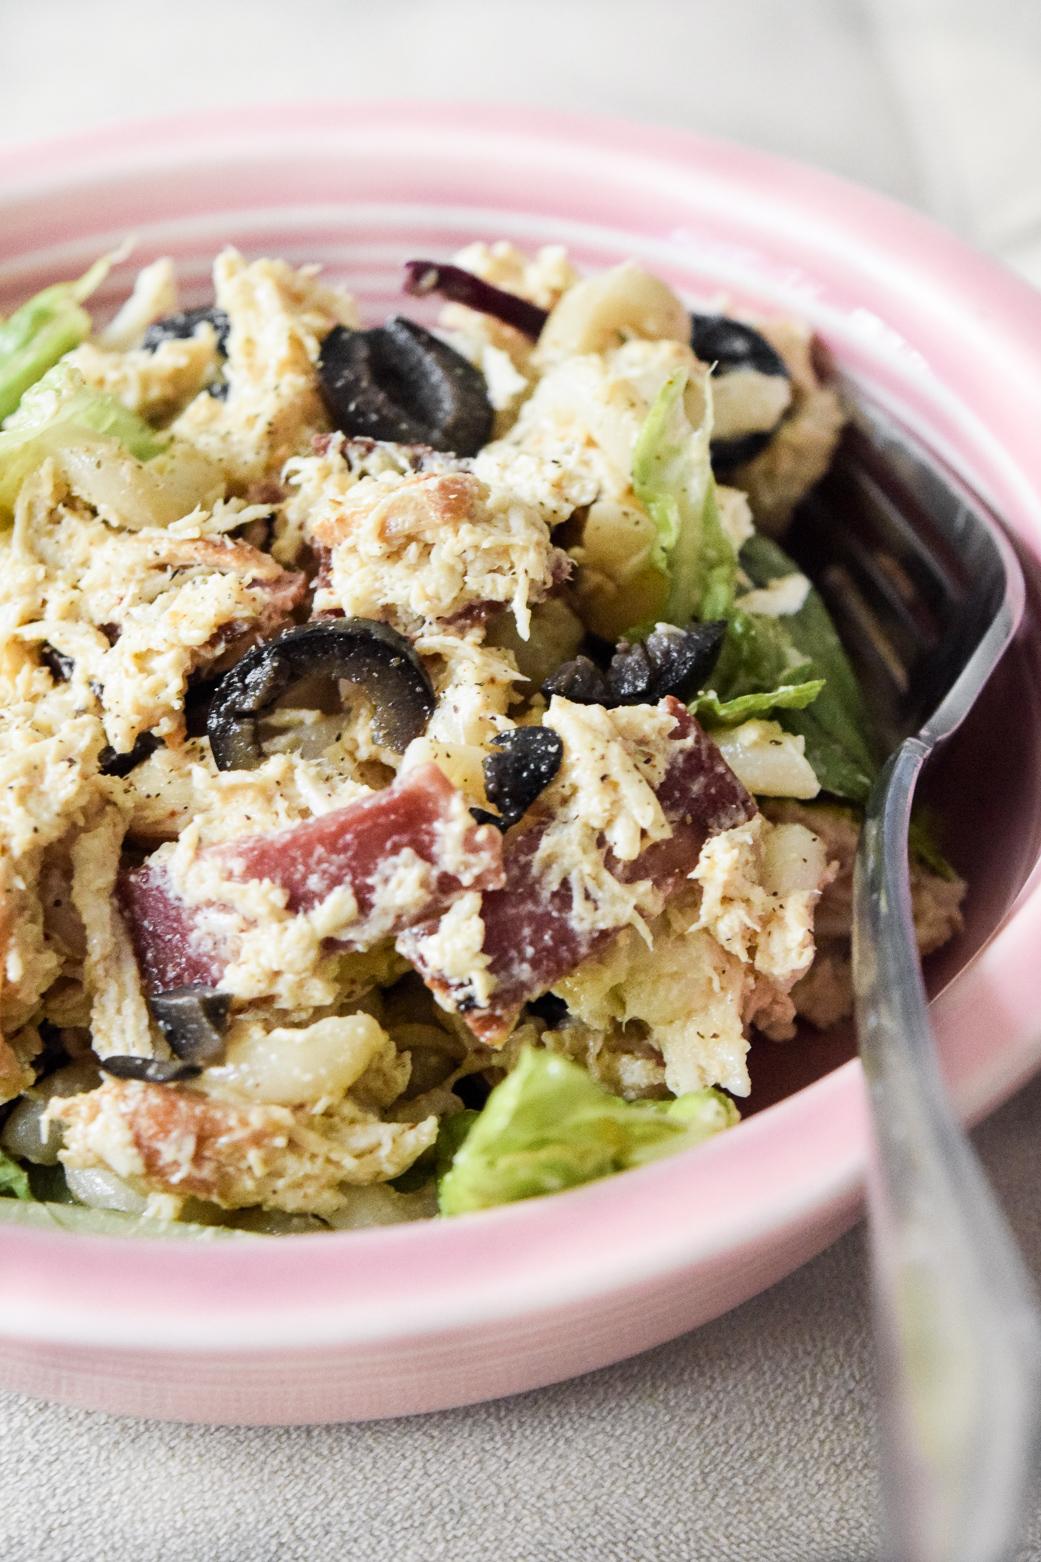 Gluten Free Pasta Chicken Salad Creamy Dairy Free Dressing